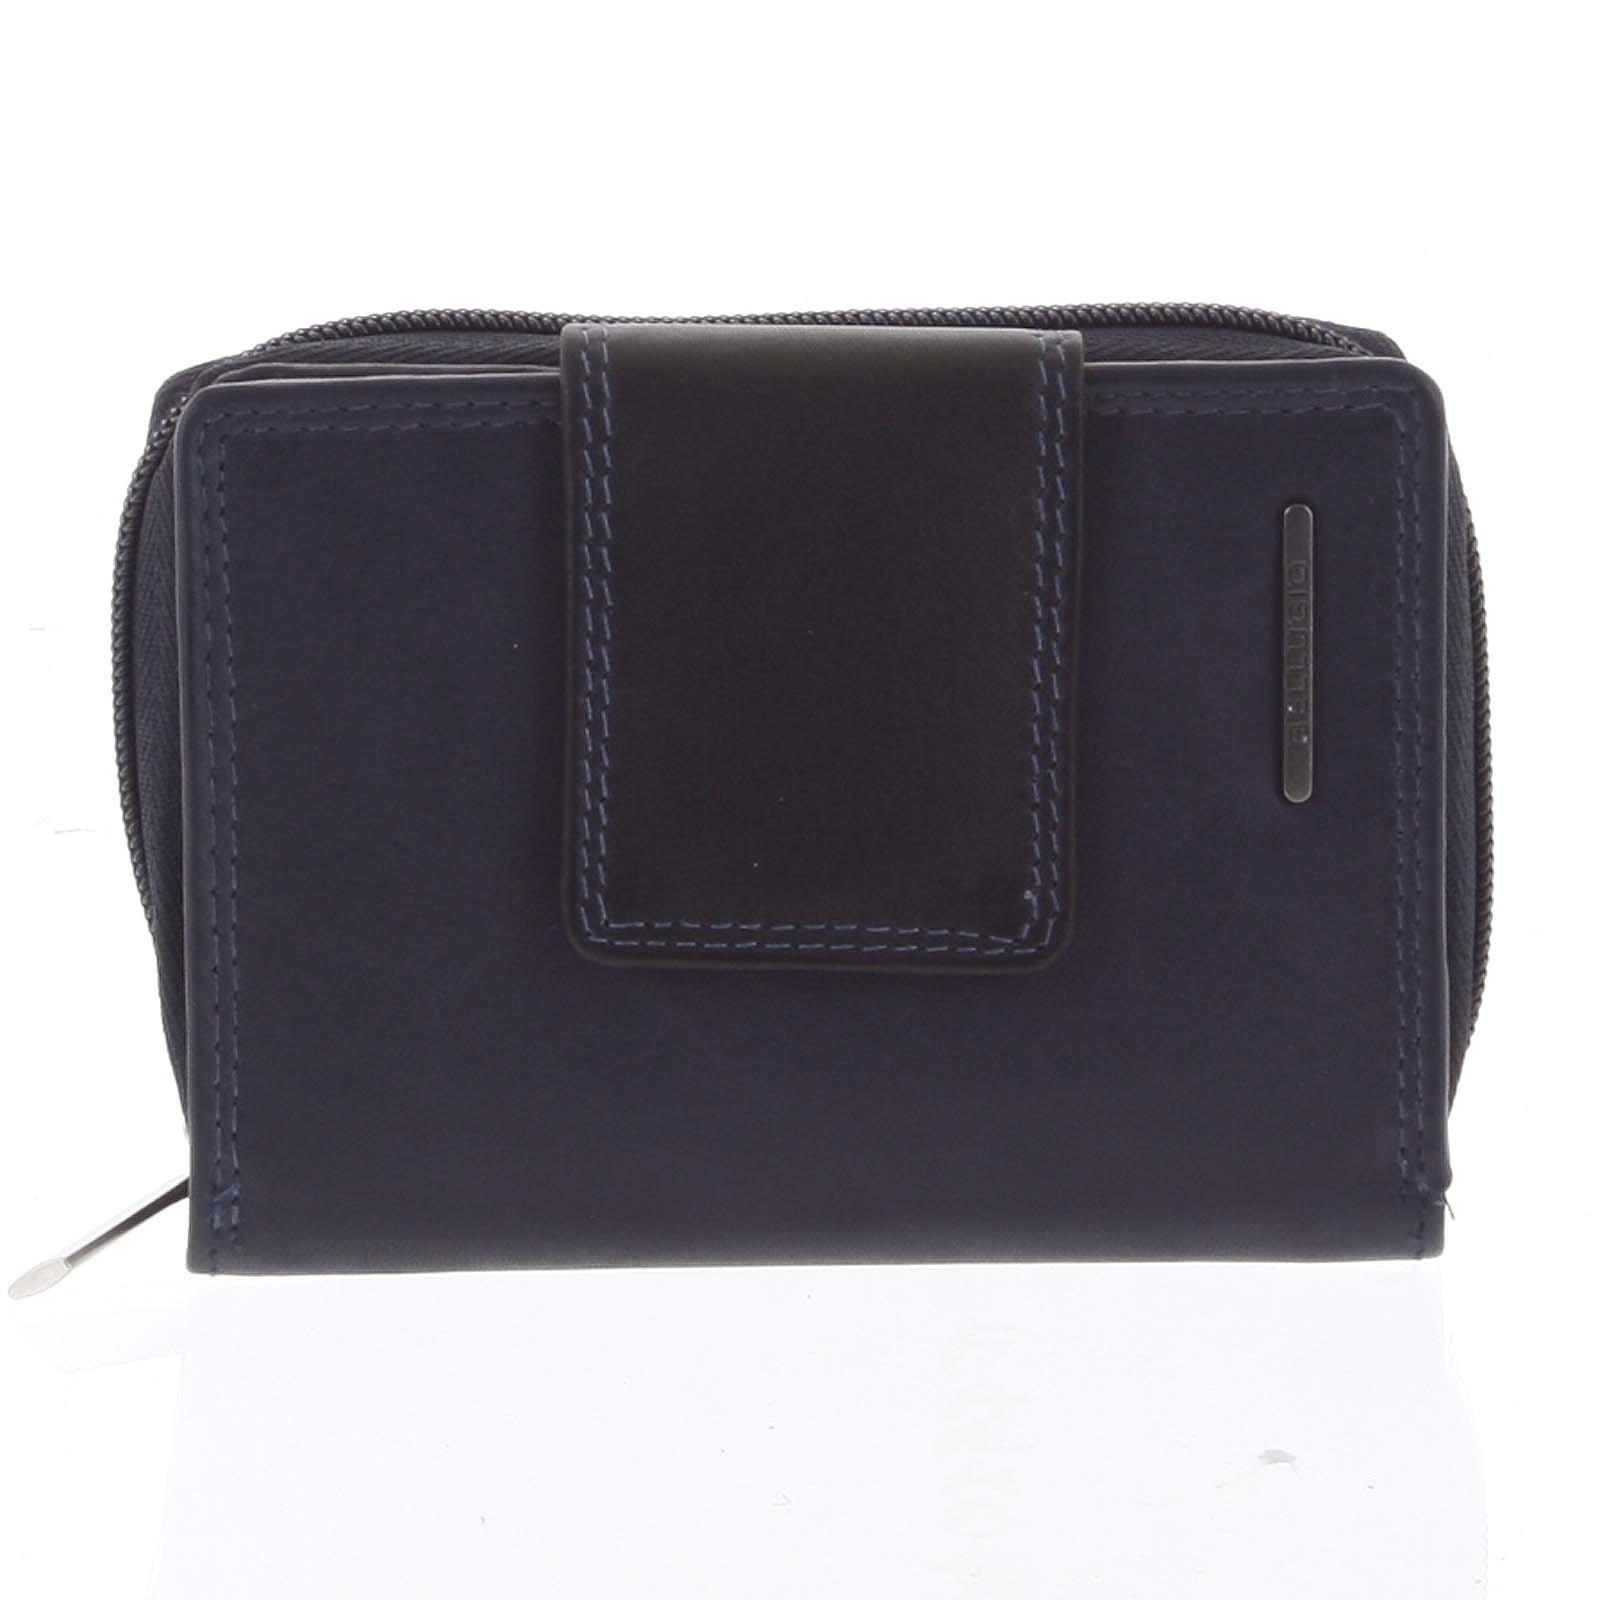 Dámská kožená peněženka modro černá - Bellugio Eurusie